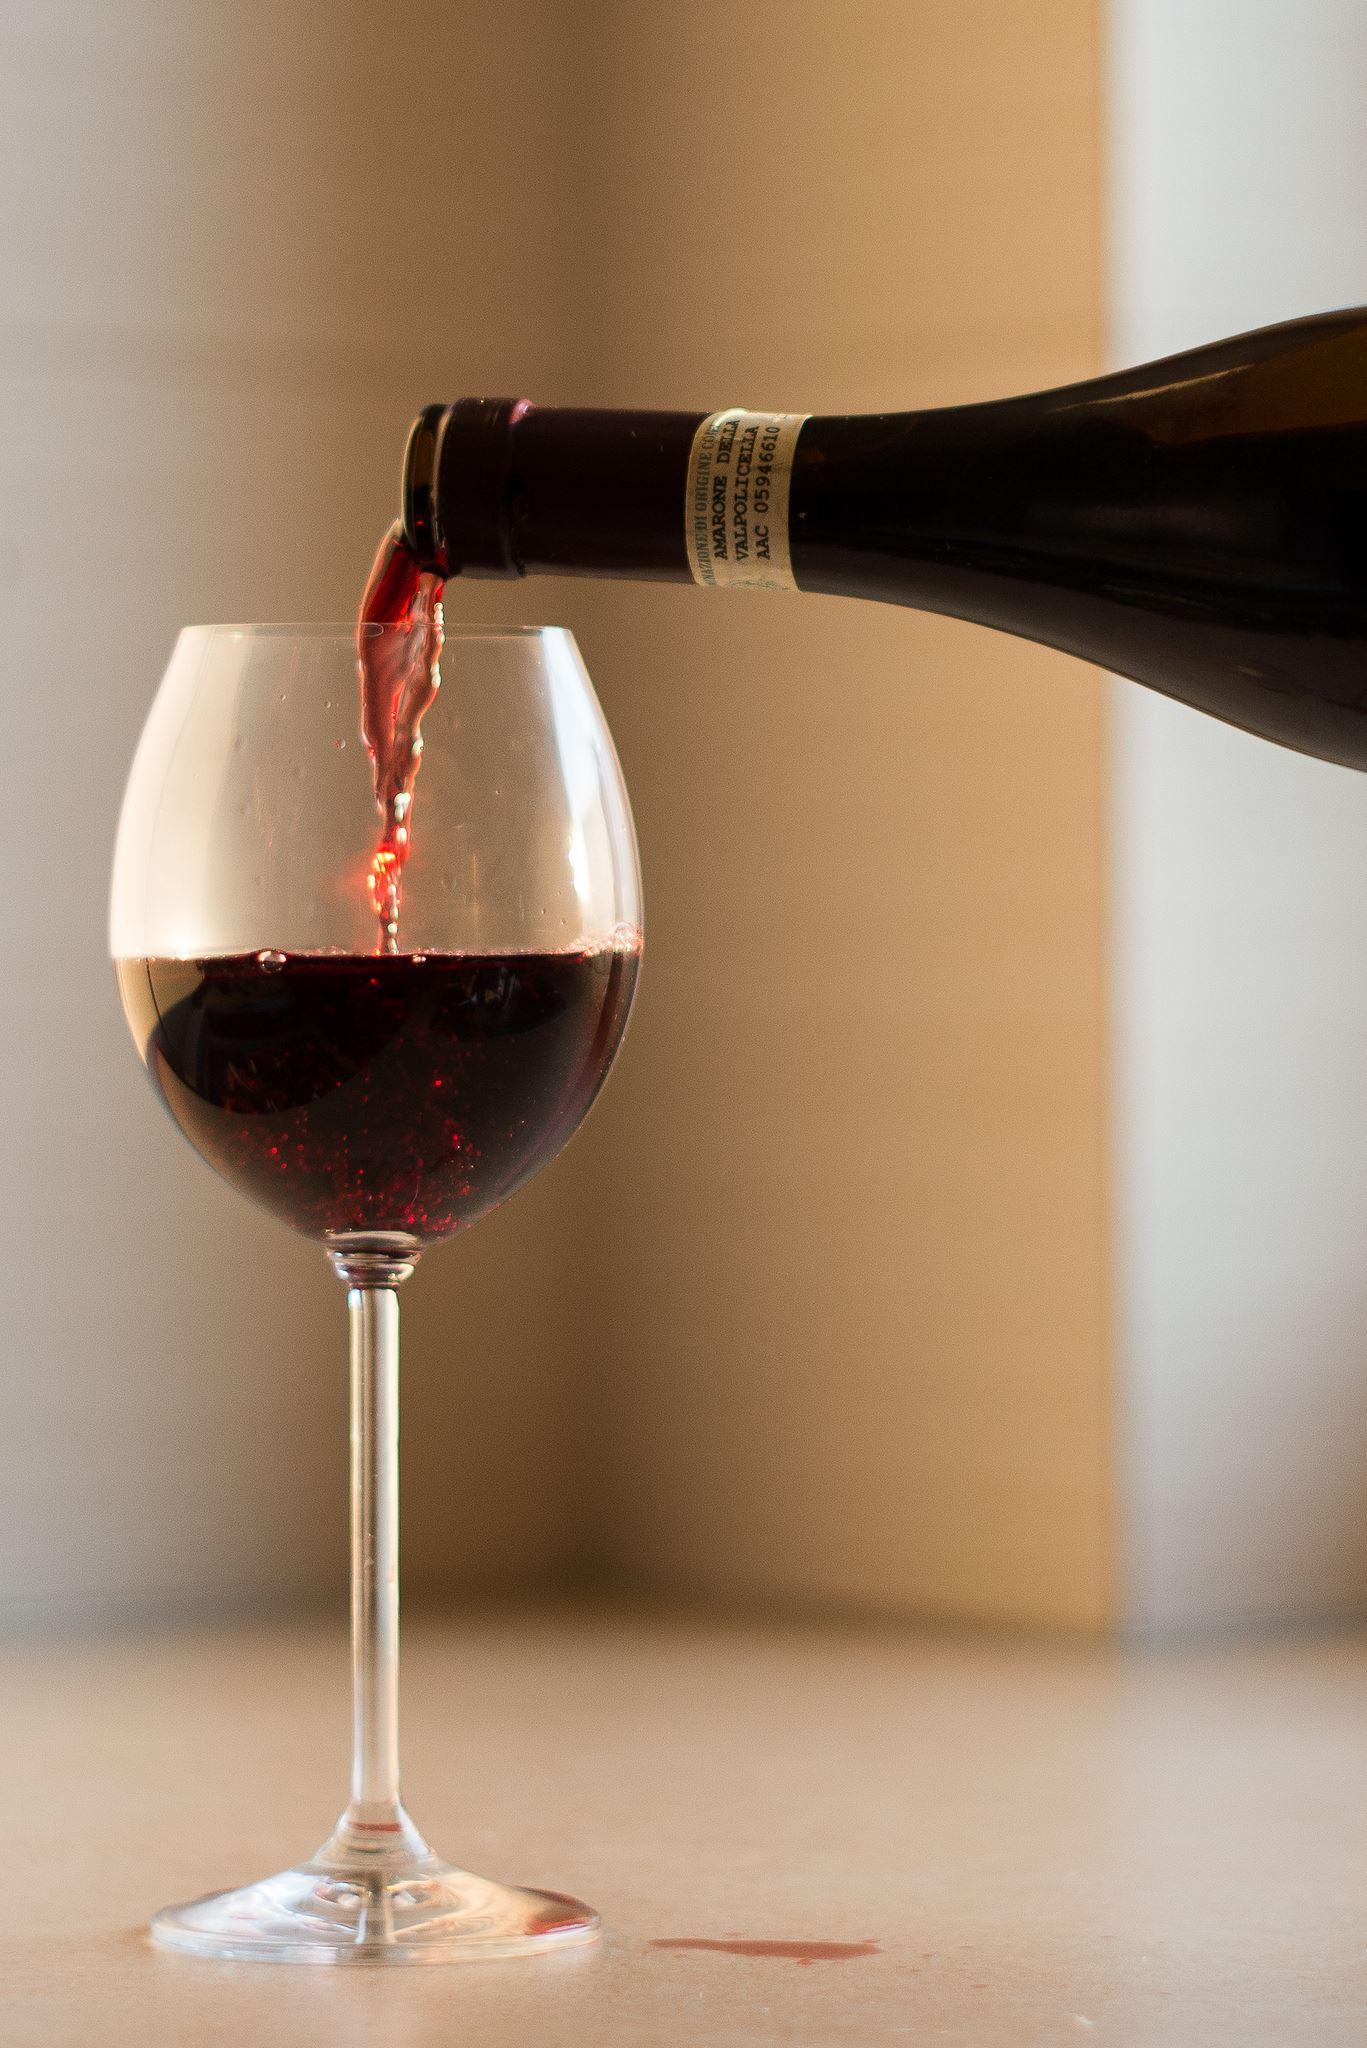 Ost & vinprovning på Guldkant Deli